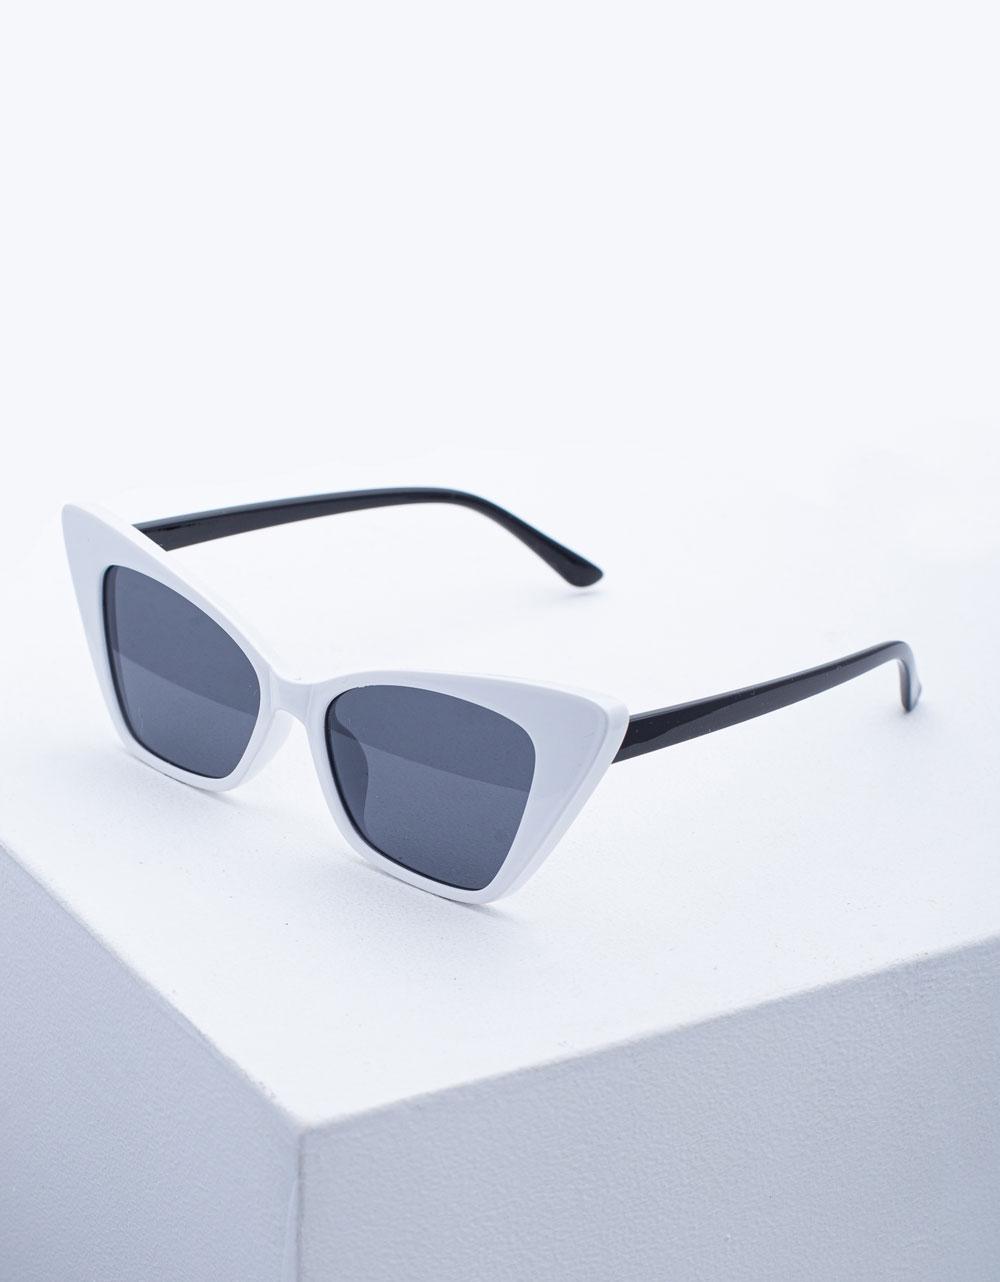 Εικόνα από Γυναικεία γυαλιά ηλίου σε σχήμα πεταλούδας Λευκό